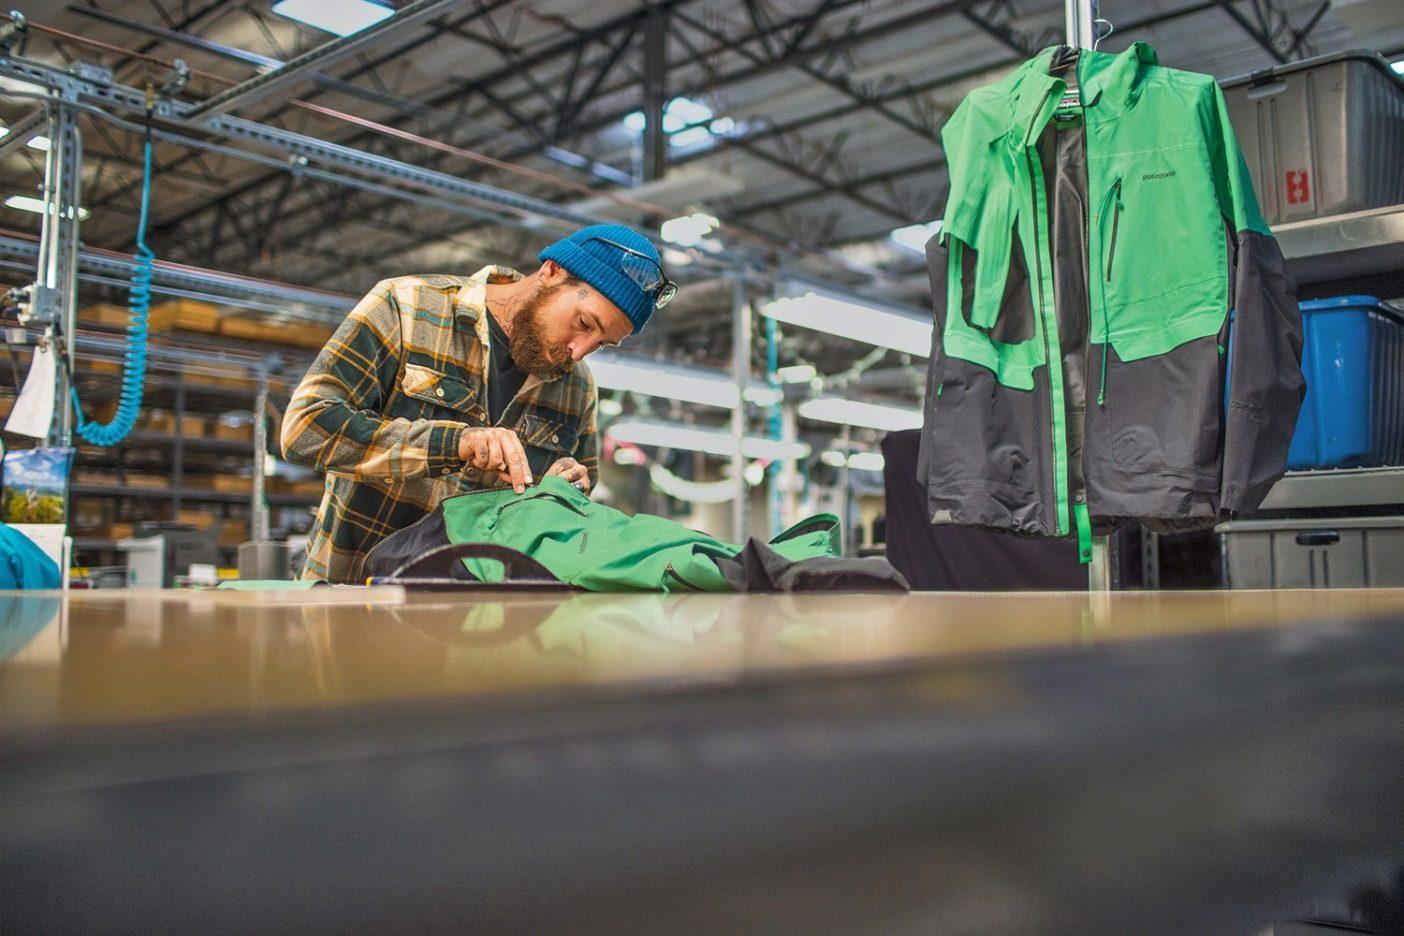 昨年リノの修理施設で直した5万点の衣類のひとつを修繕する技師のアンディ・クック。Photo: Tim Davis